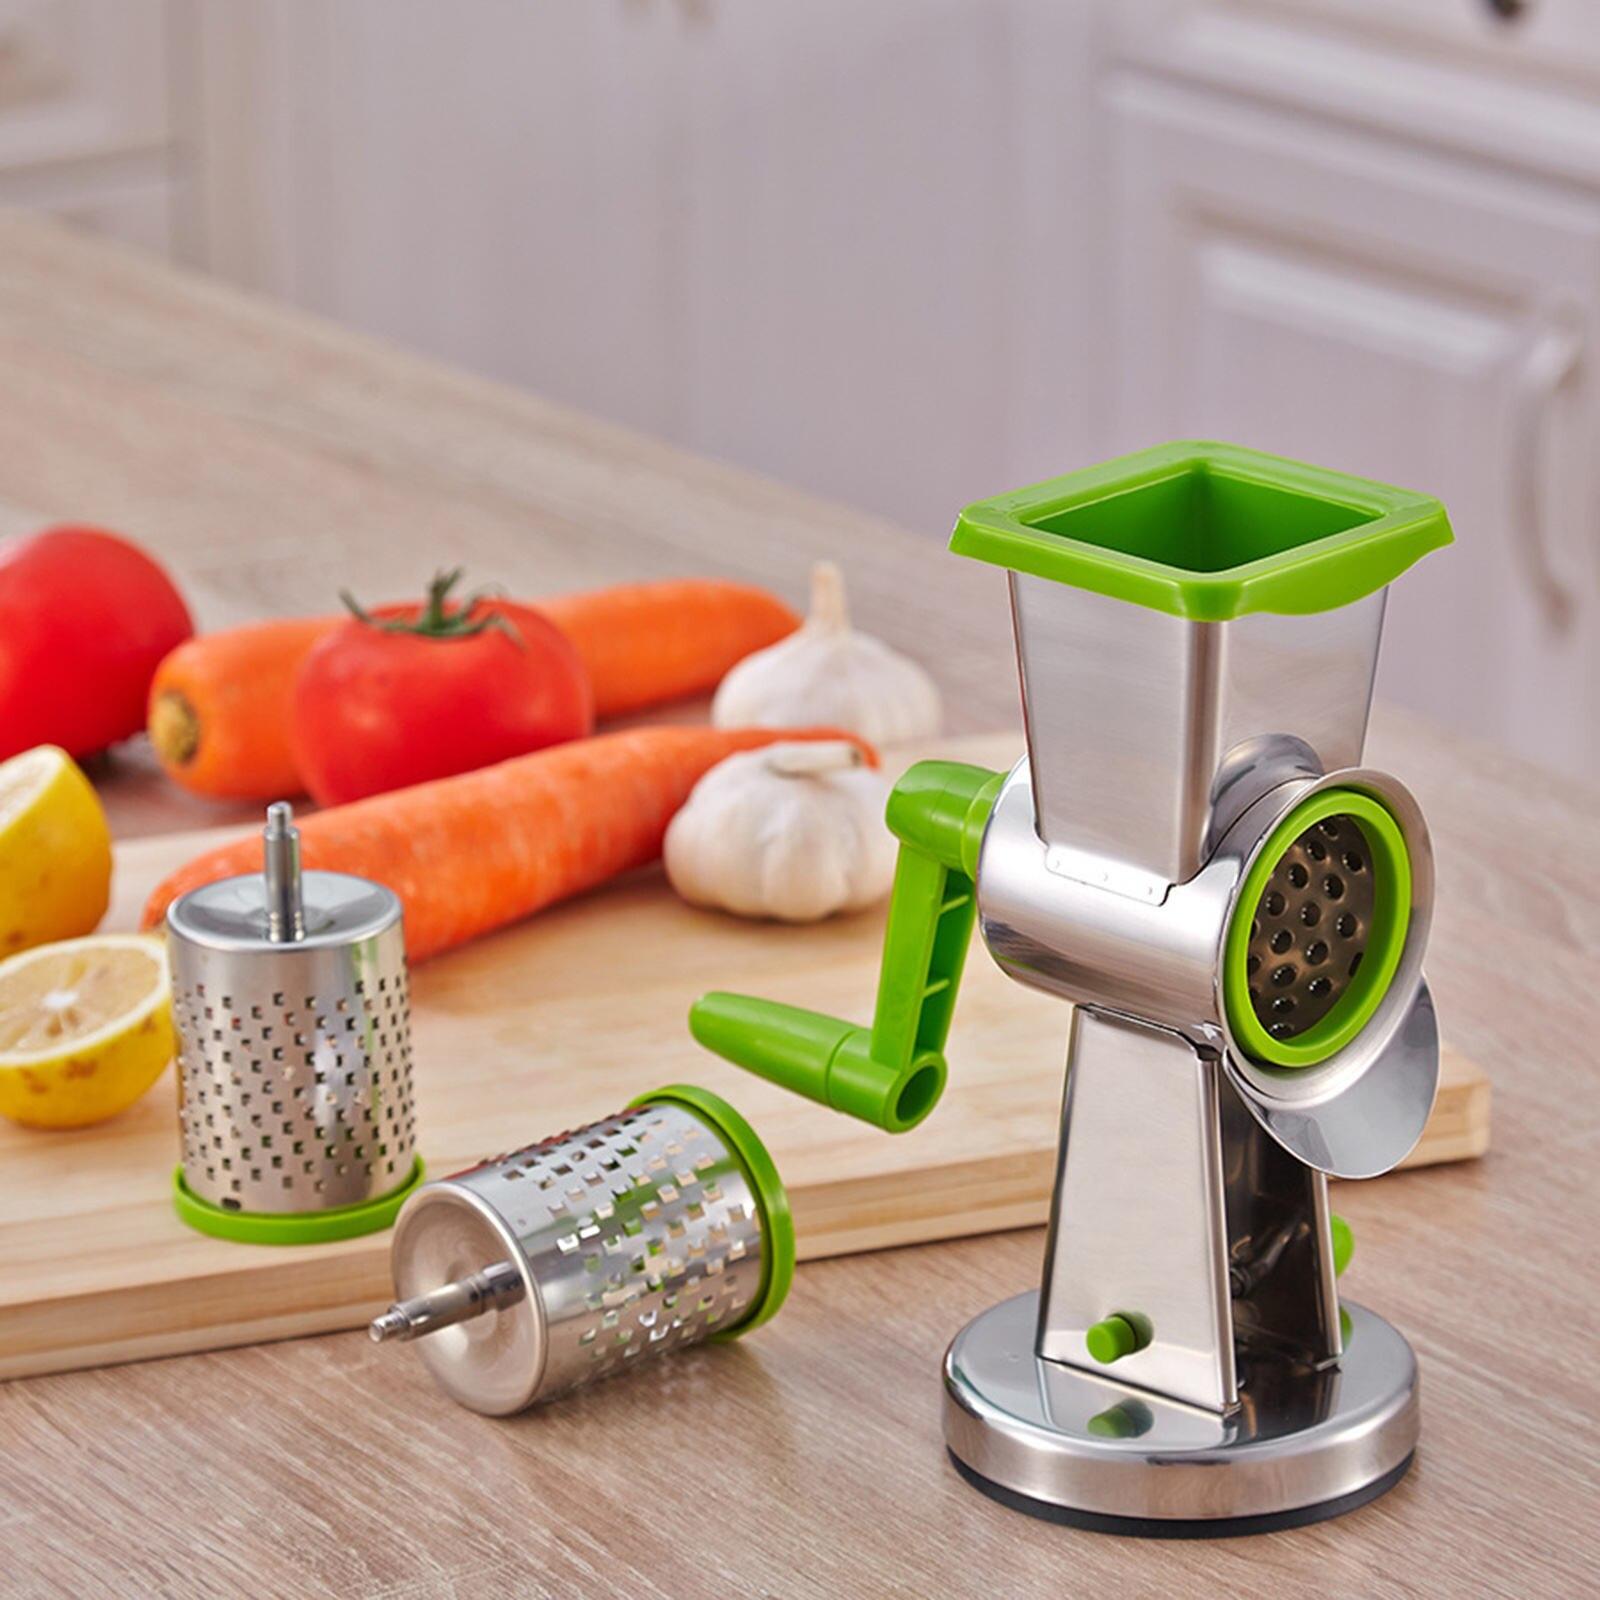 تقطيع الخضروات 3 شفرات الأسطوانة سهلة التنظيف دائم متعدد الوظائف المروحية المسوي الجبن مبشرة الروتاري دليل للمطبخ المنزل